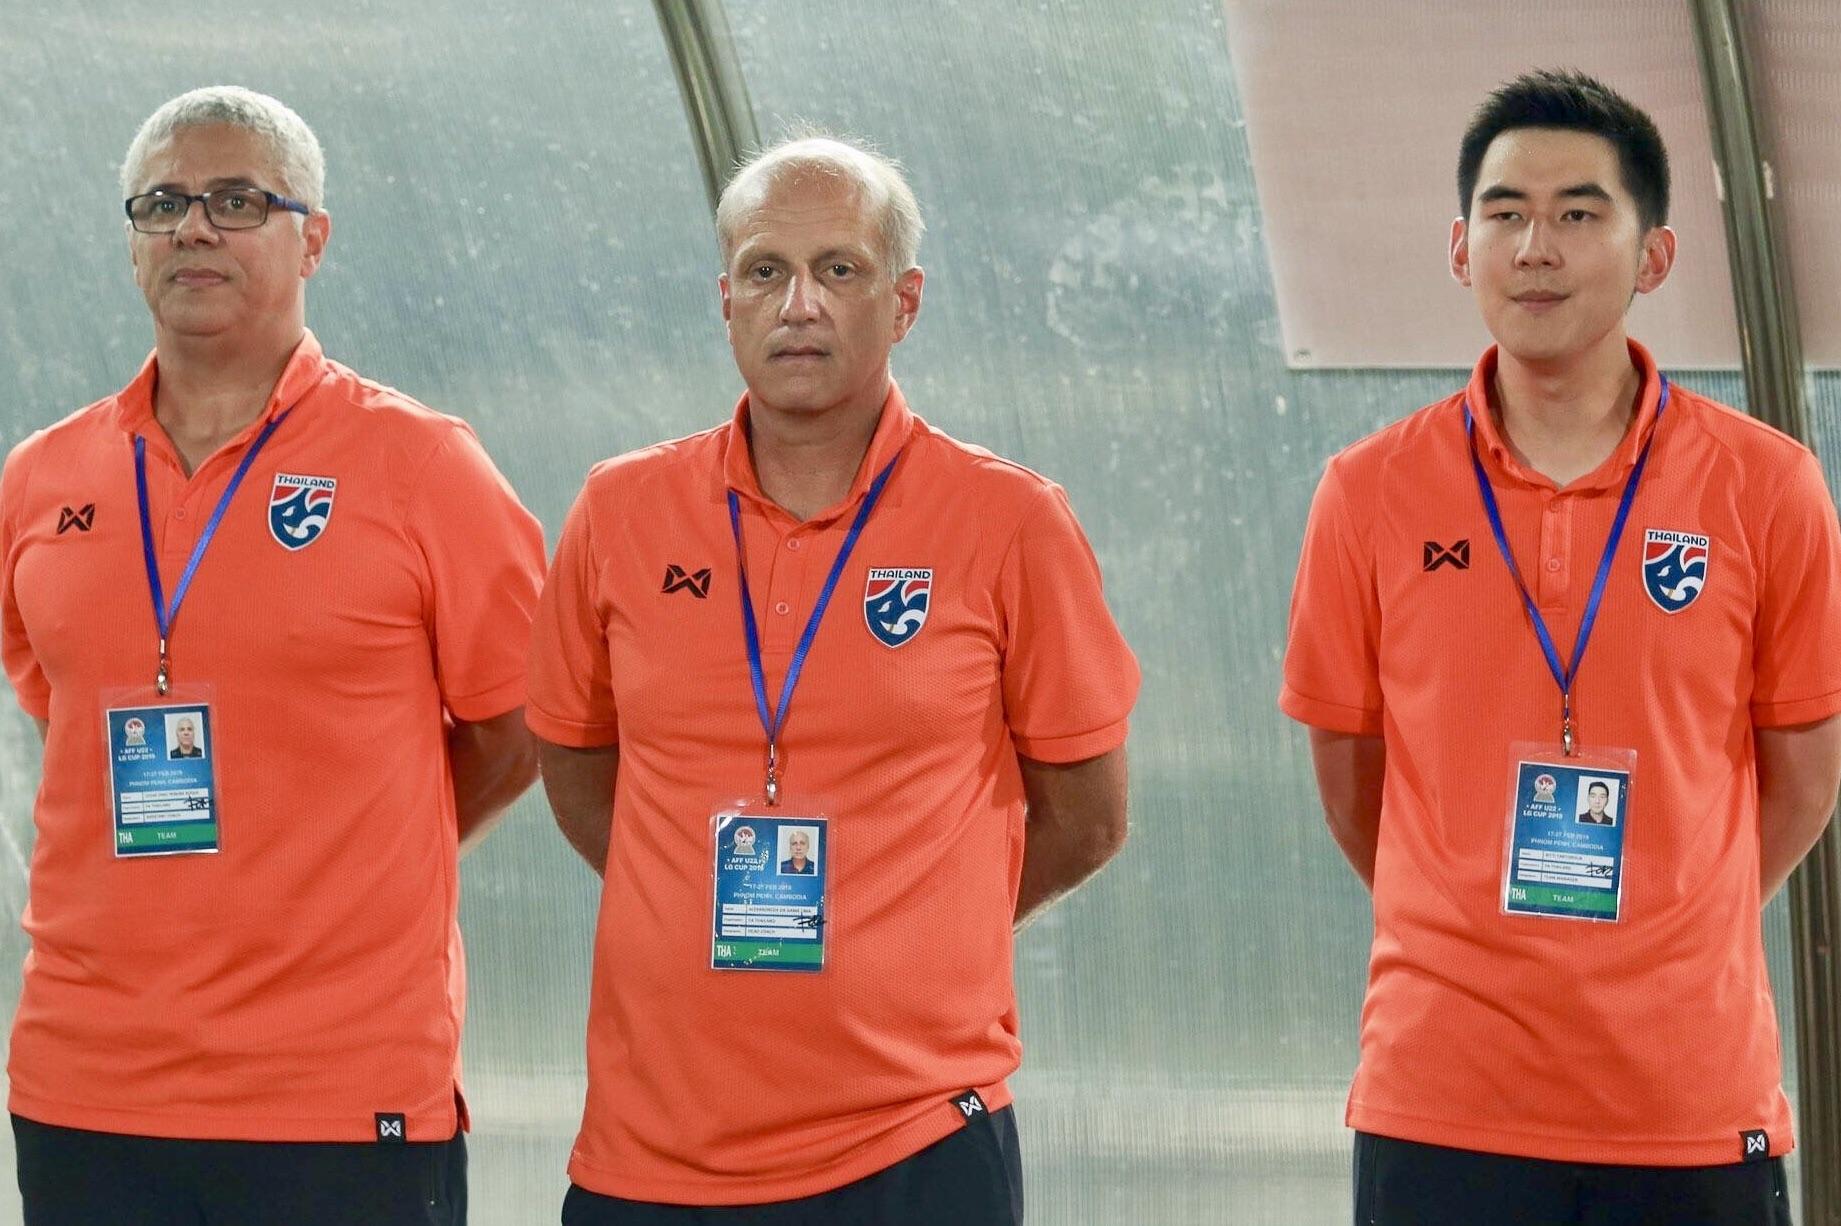 ชิงแชมป์อาเซียน 2019 ทีมชาติอินโดนีเซีย U22 ทีมชาติไทย U22 อเล็กซานเดร กามา